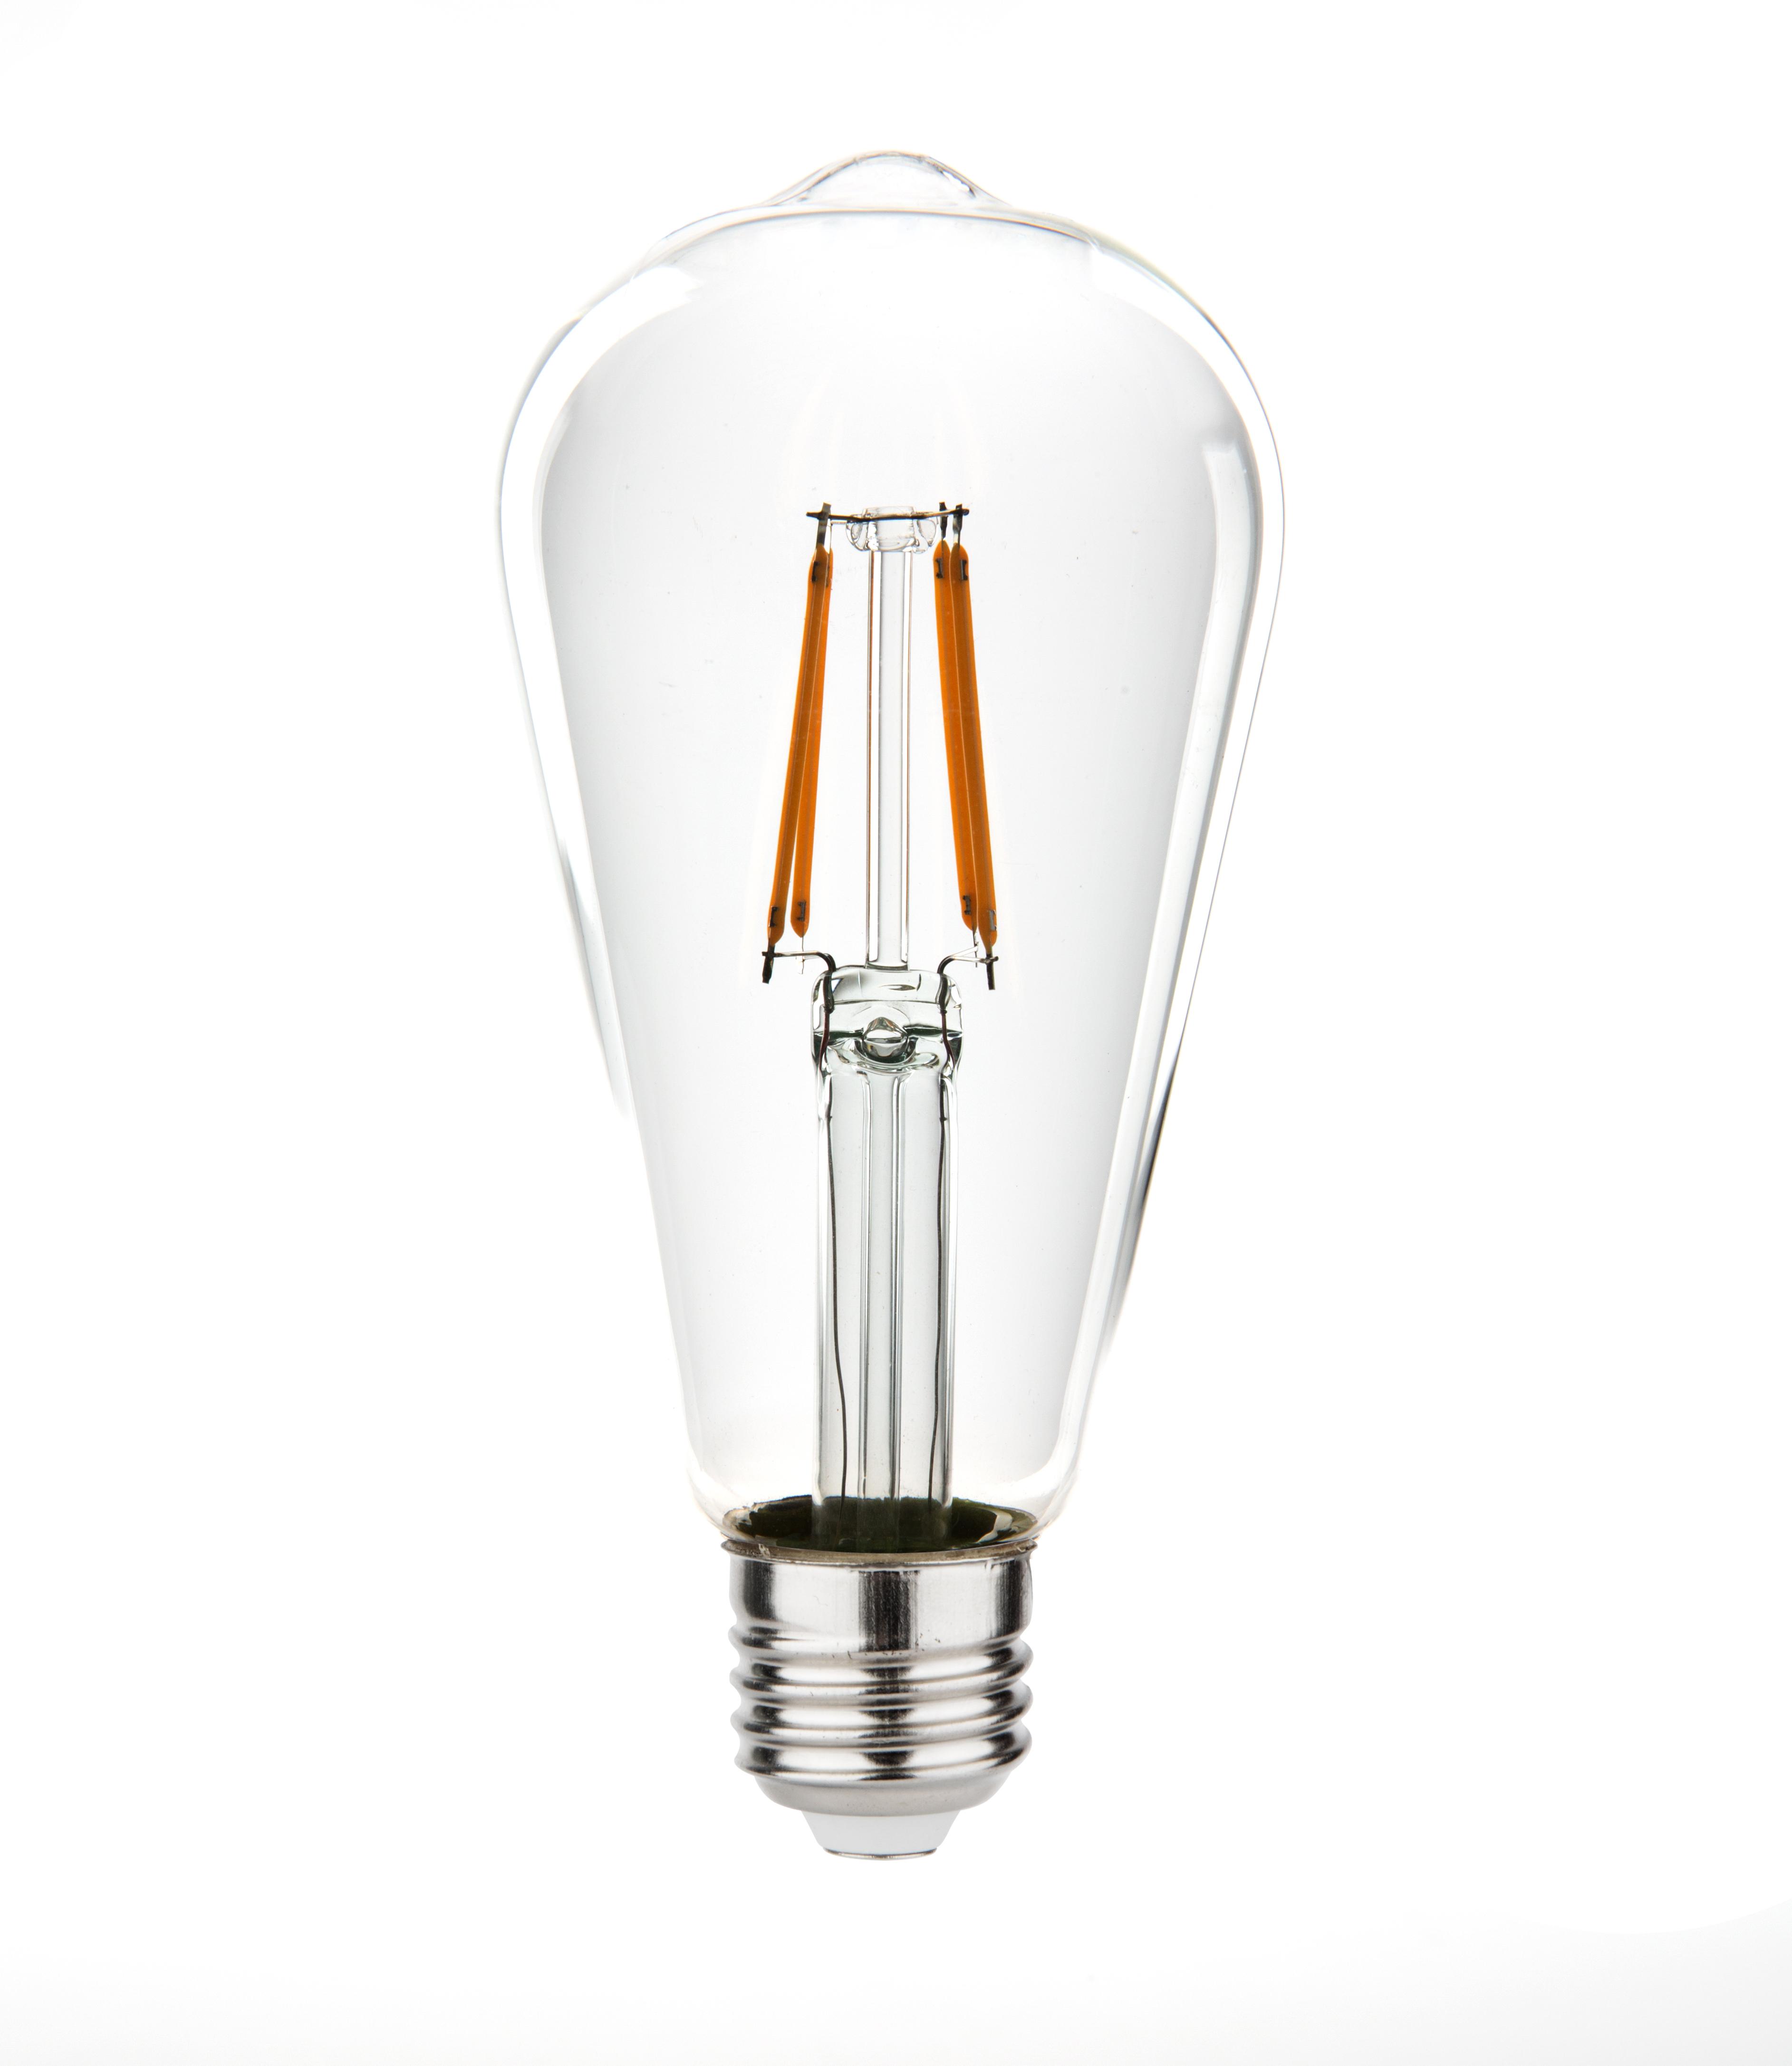 ampoules à filament LED (Photo: Business Wire)